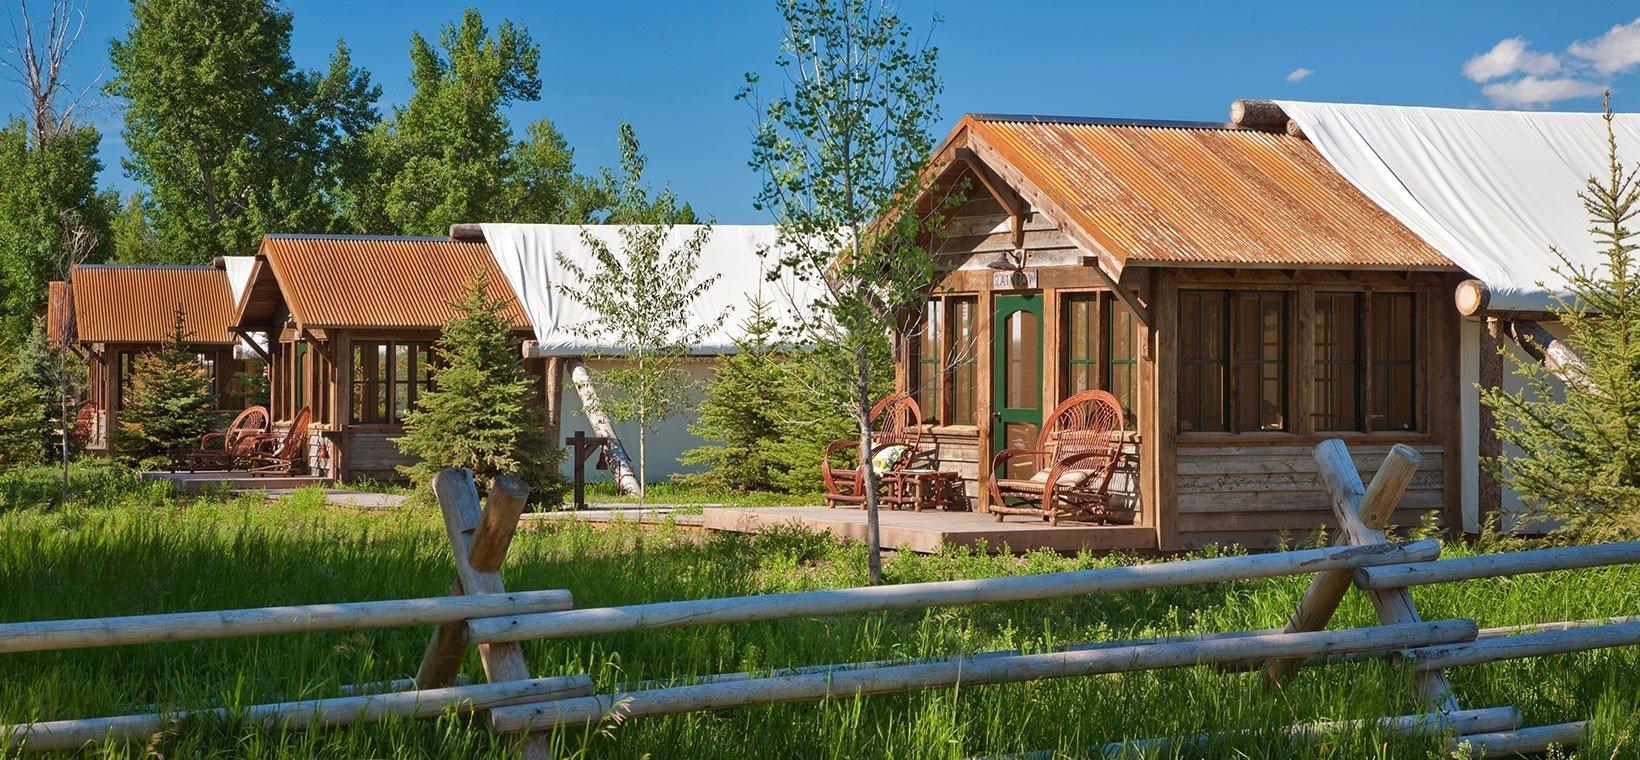 宿泊エリアの外観。木を基調とした建物とテントのタープが印象的